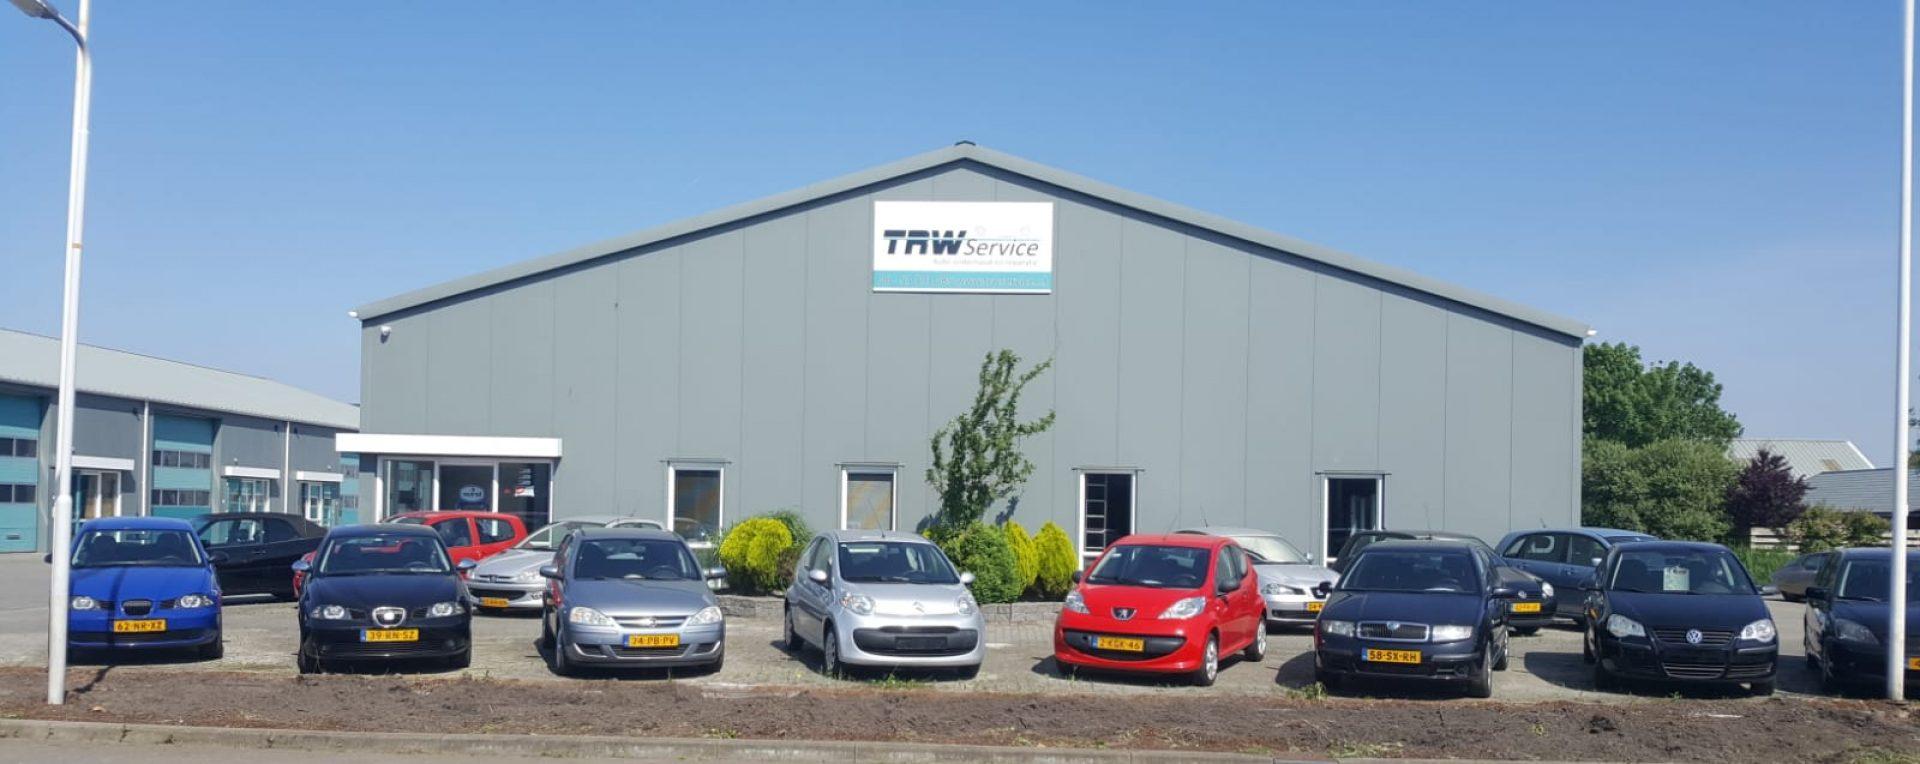 TRW Service